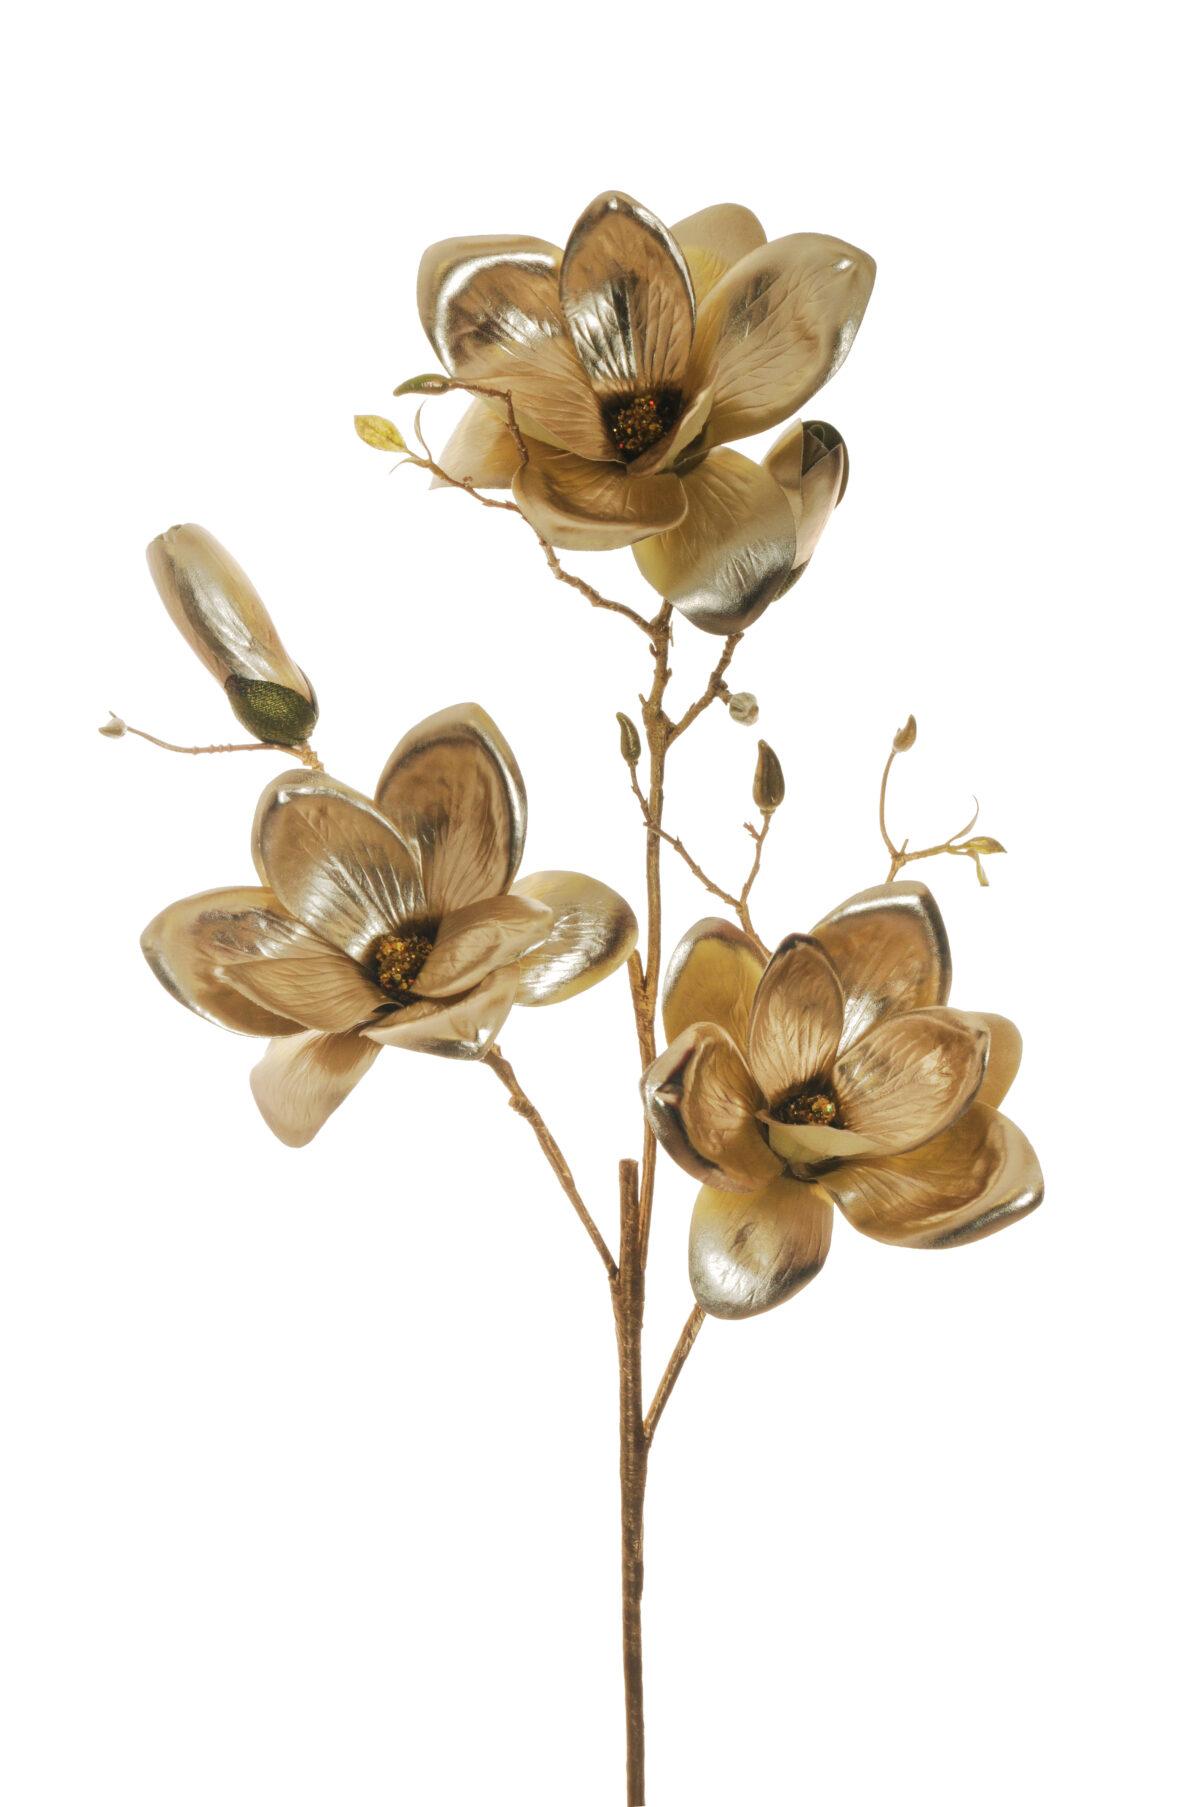 Magnolia artificiale con 3 rami, 3 fiori e 3 boccioli di colore oro metallico 94 cm